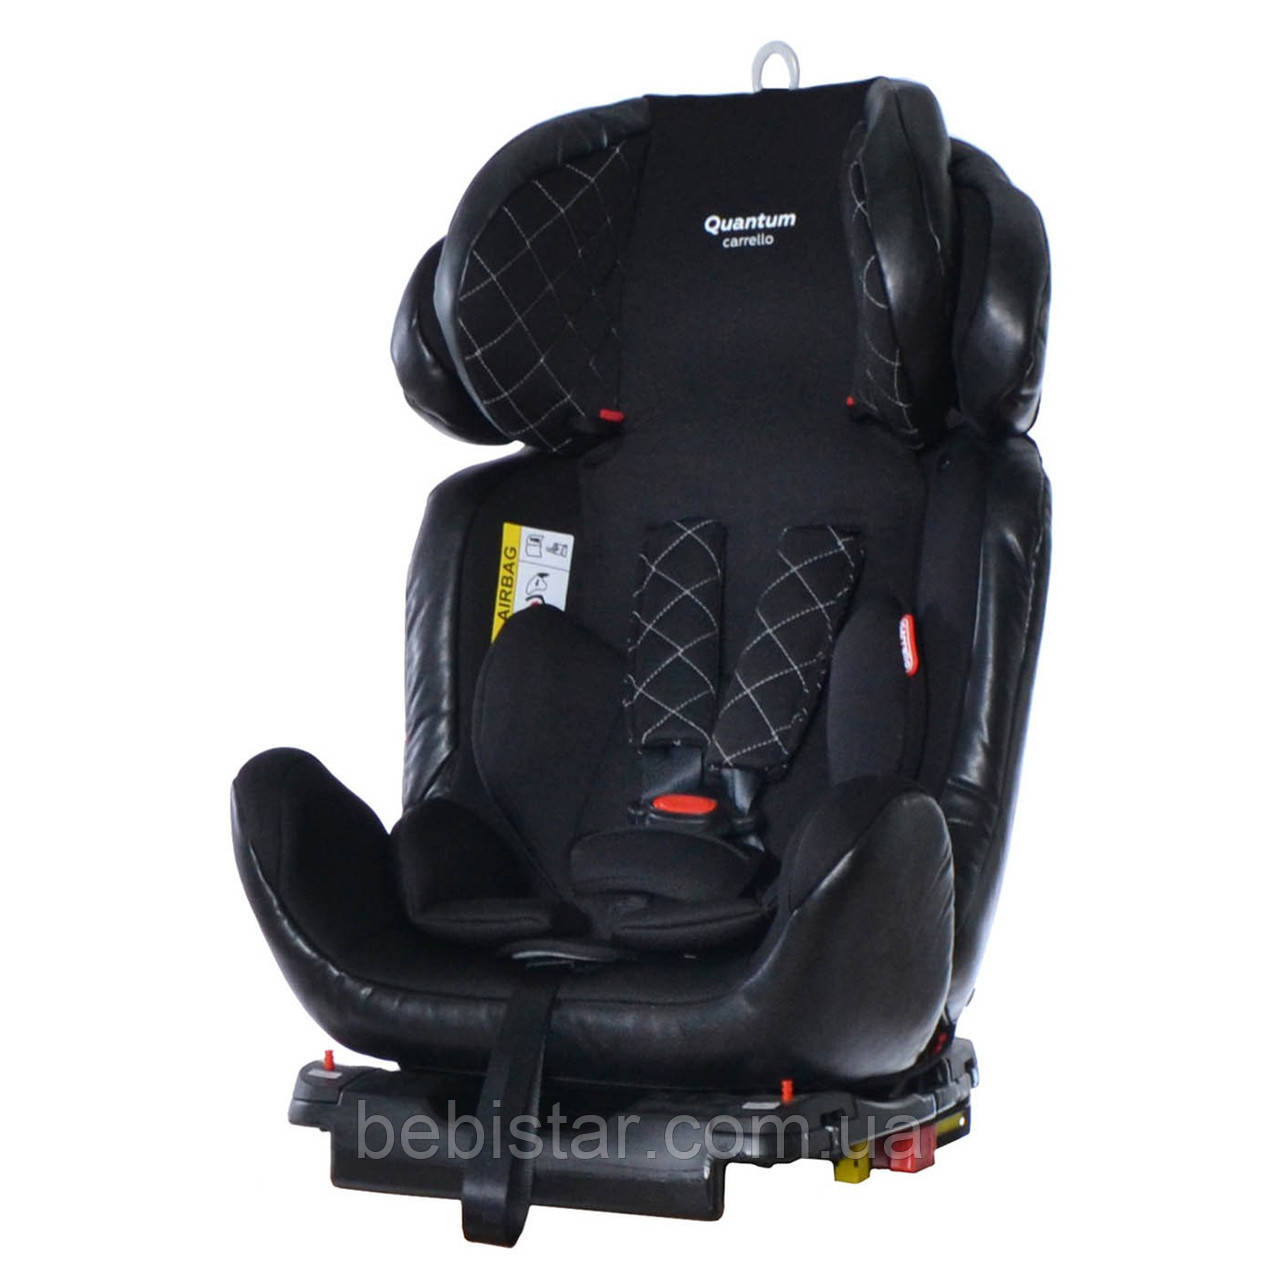 Детское автокресло черное CARRELLO Quantum CRL-11803/1 isofix Black Panter детям от рождения до 12 лет